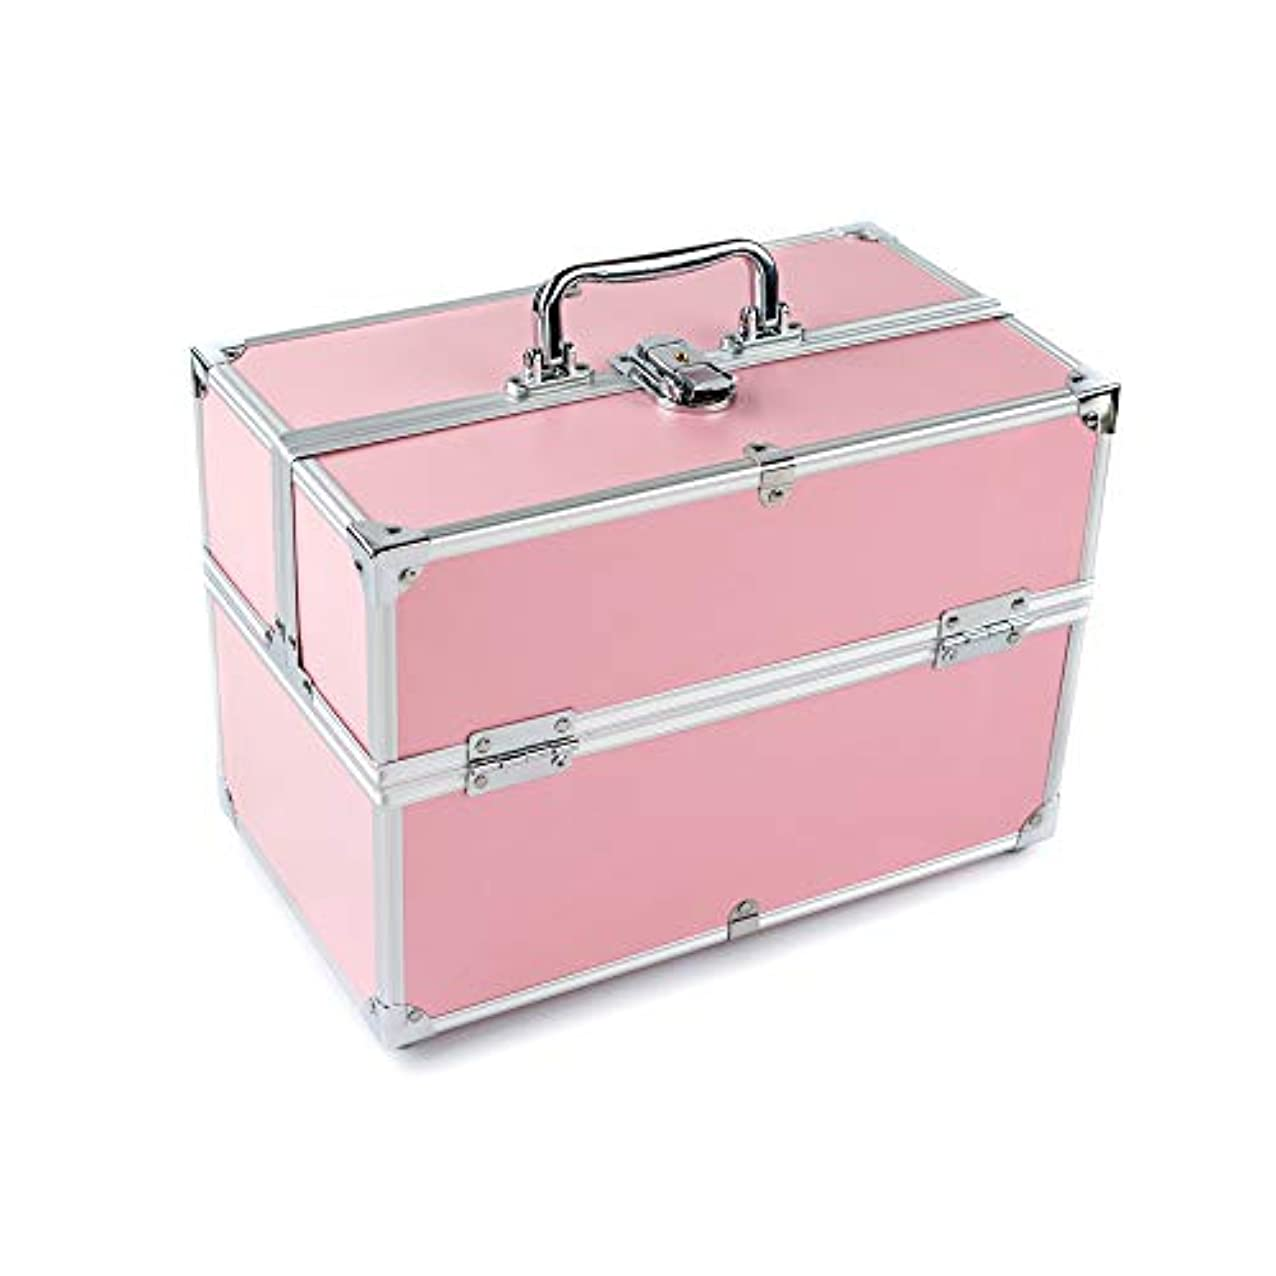 ダウン用心するラッシュ特大スペース収納ビューティーボックス 美の構造のためそしてジッパーおよび折る皿が付いている女の子の女性旅行そして毎日の貯蔵のための高容量の携帯用化粧品袋 化粧品化粧台 (色 : ピンク)